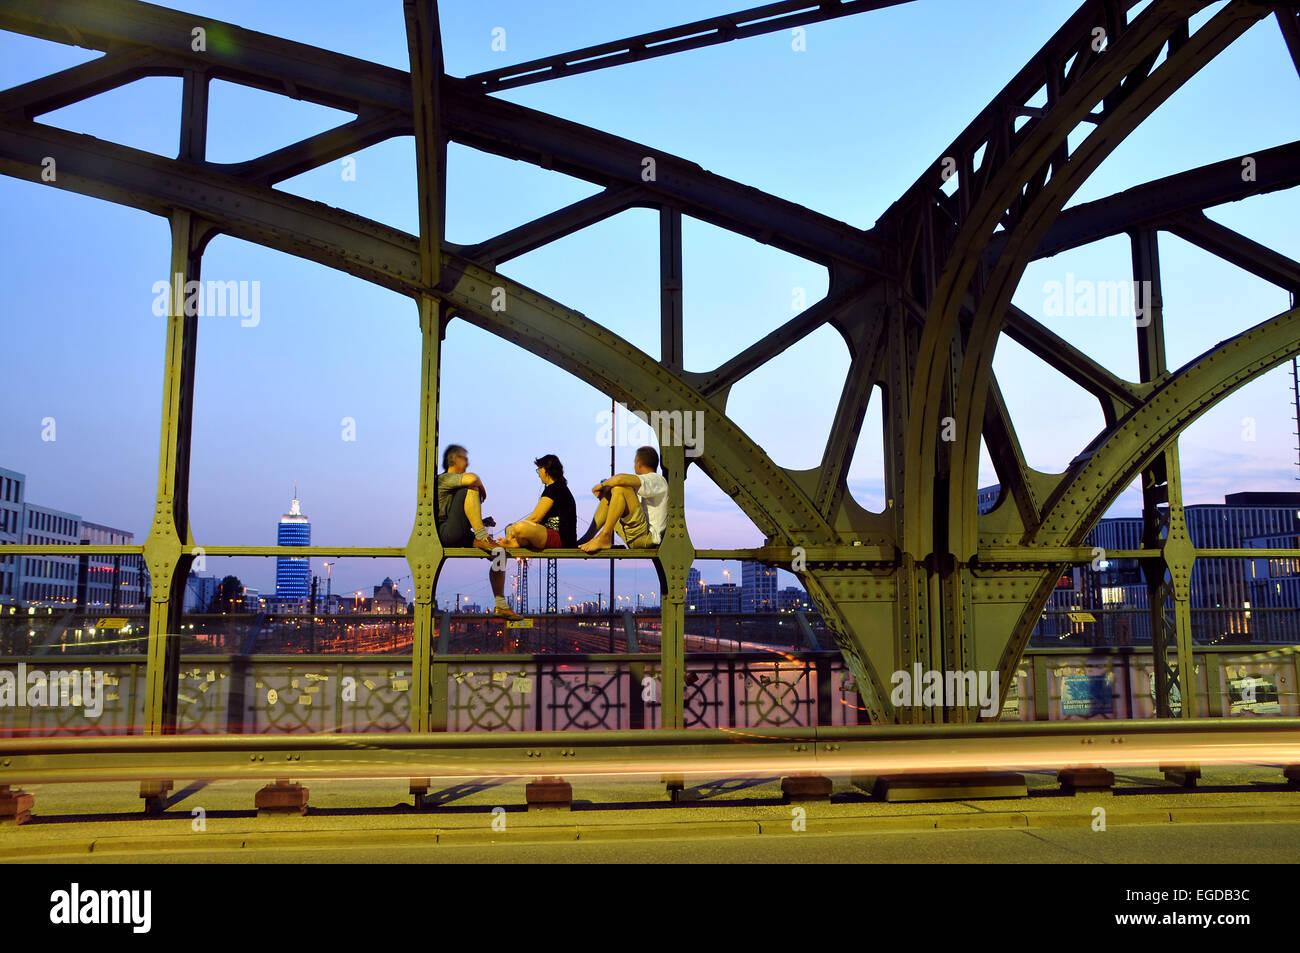 Leute sitzen auf der Hacker-Brücke am Abend, München, Bayern, Deutschland Stockbild